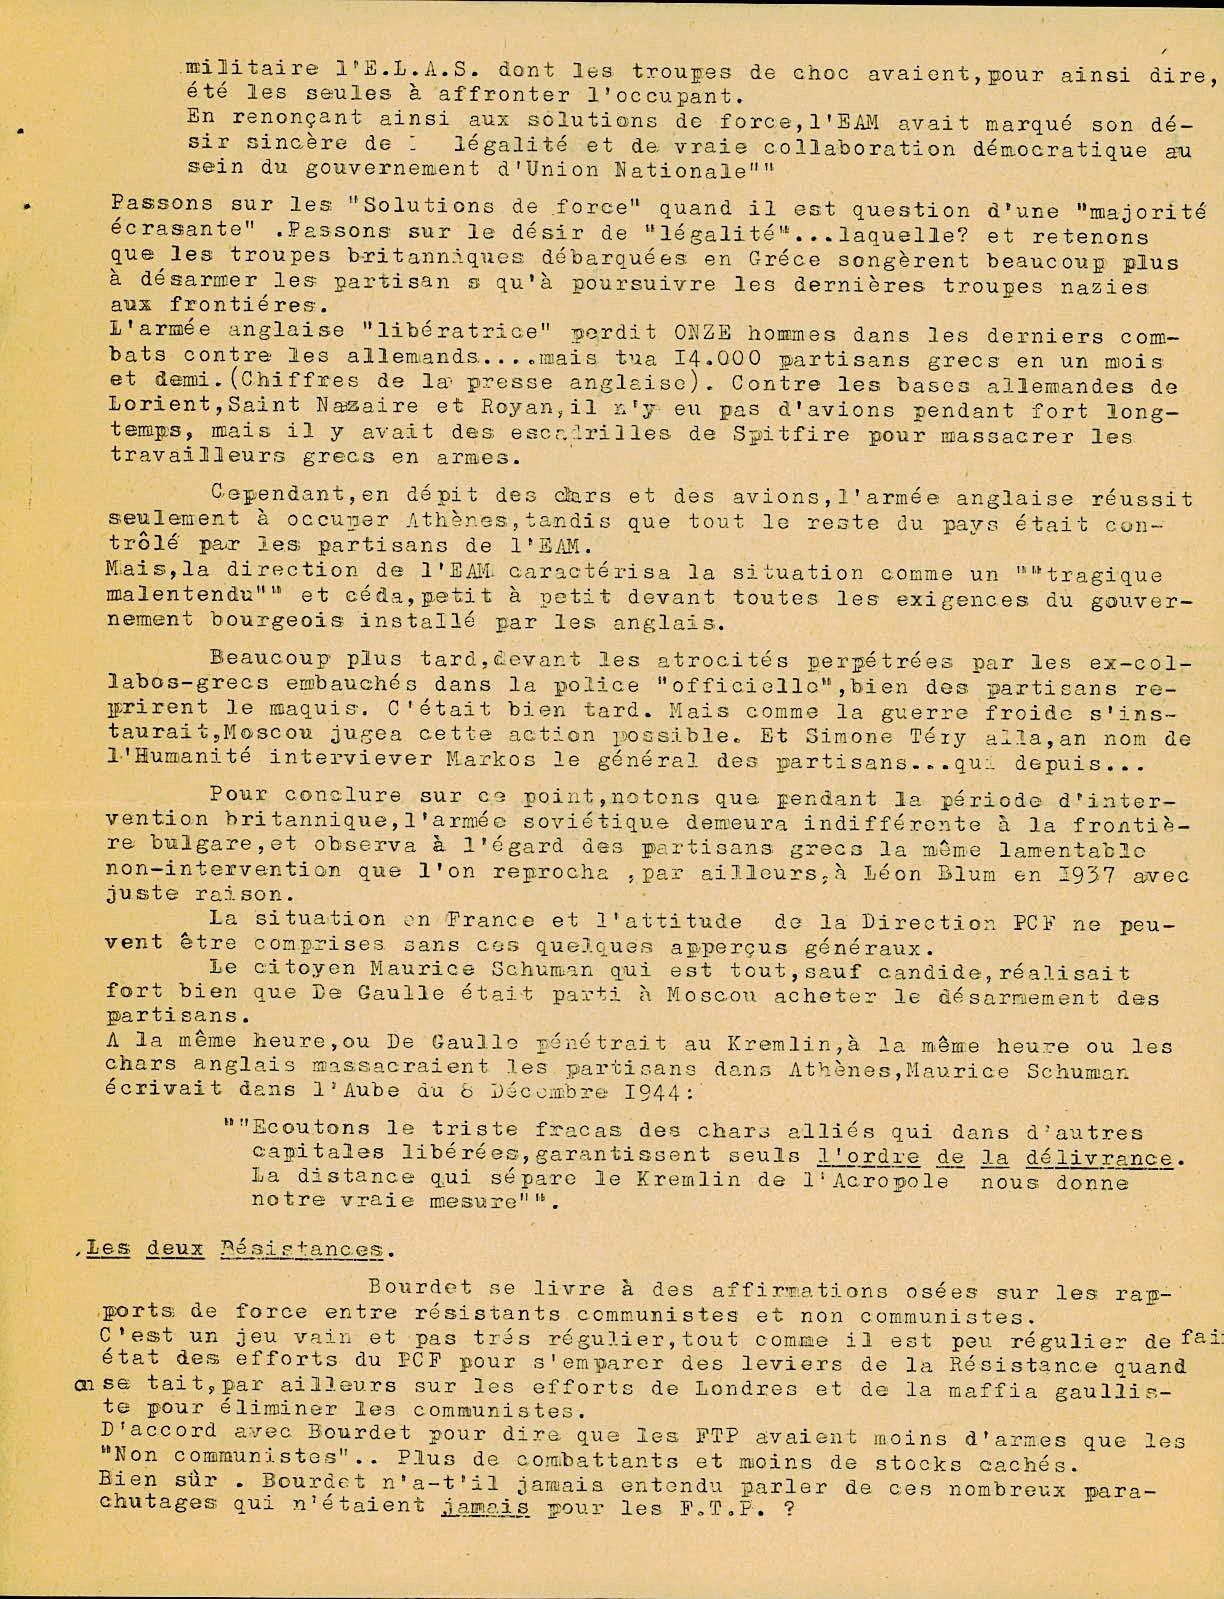 Le militant juin 1964 - 3